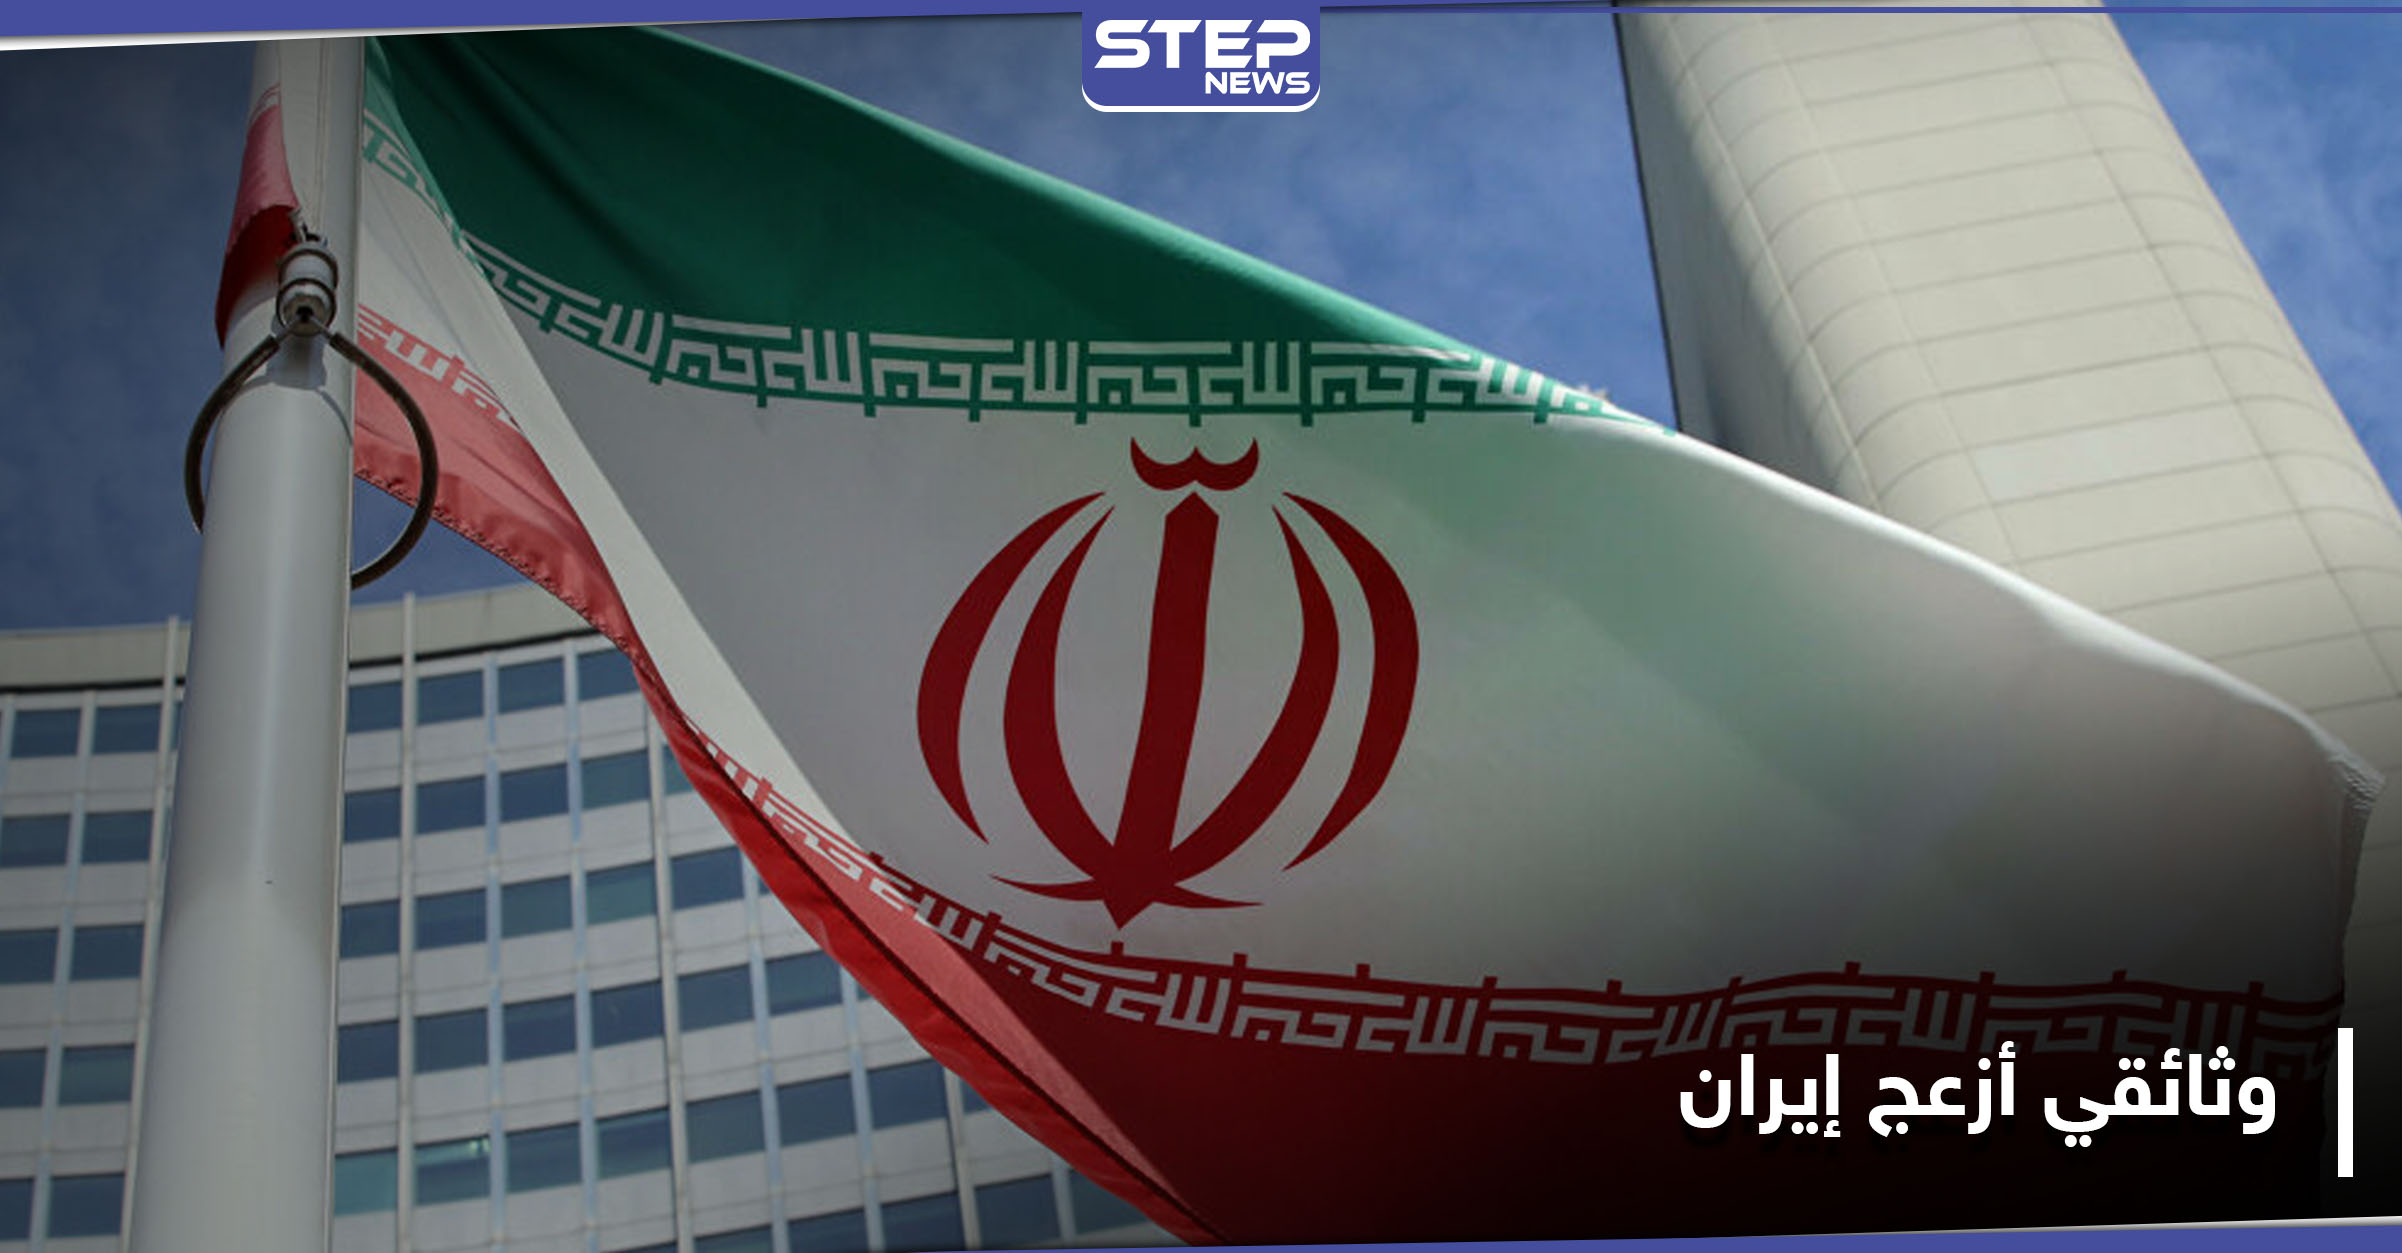 فيلم الخيانة.. وثائقي أغضب السلطات الإيرانية